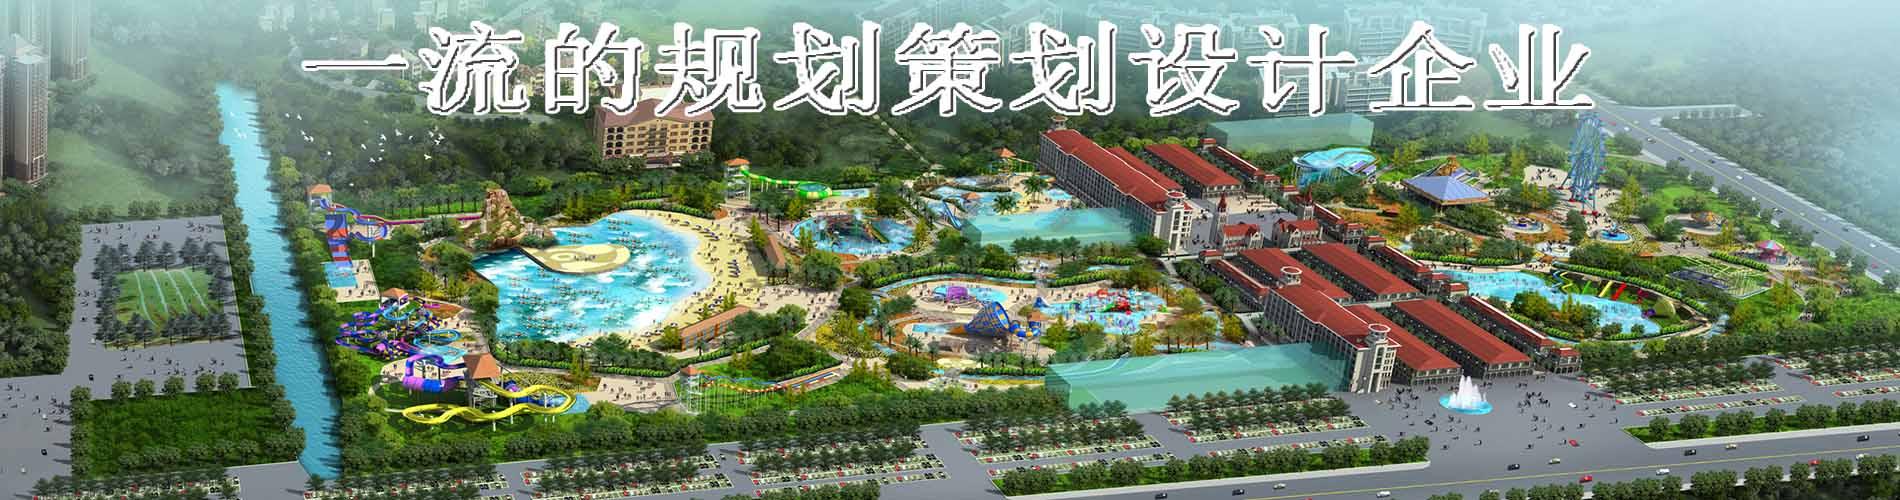 广州碧水源游乐设计有限公司